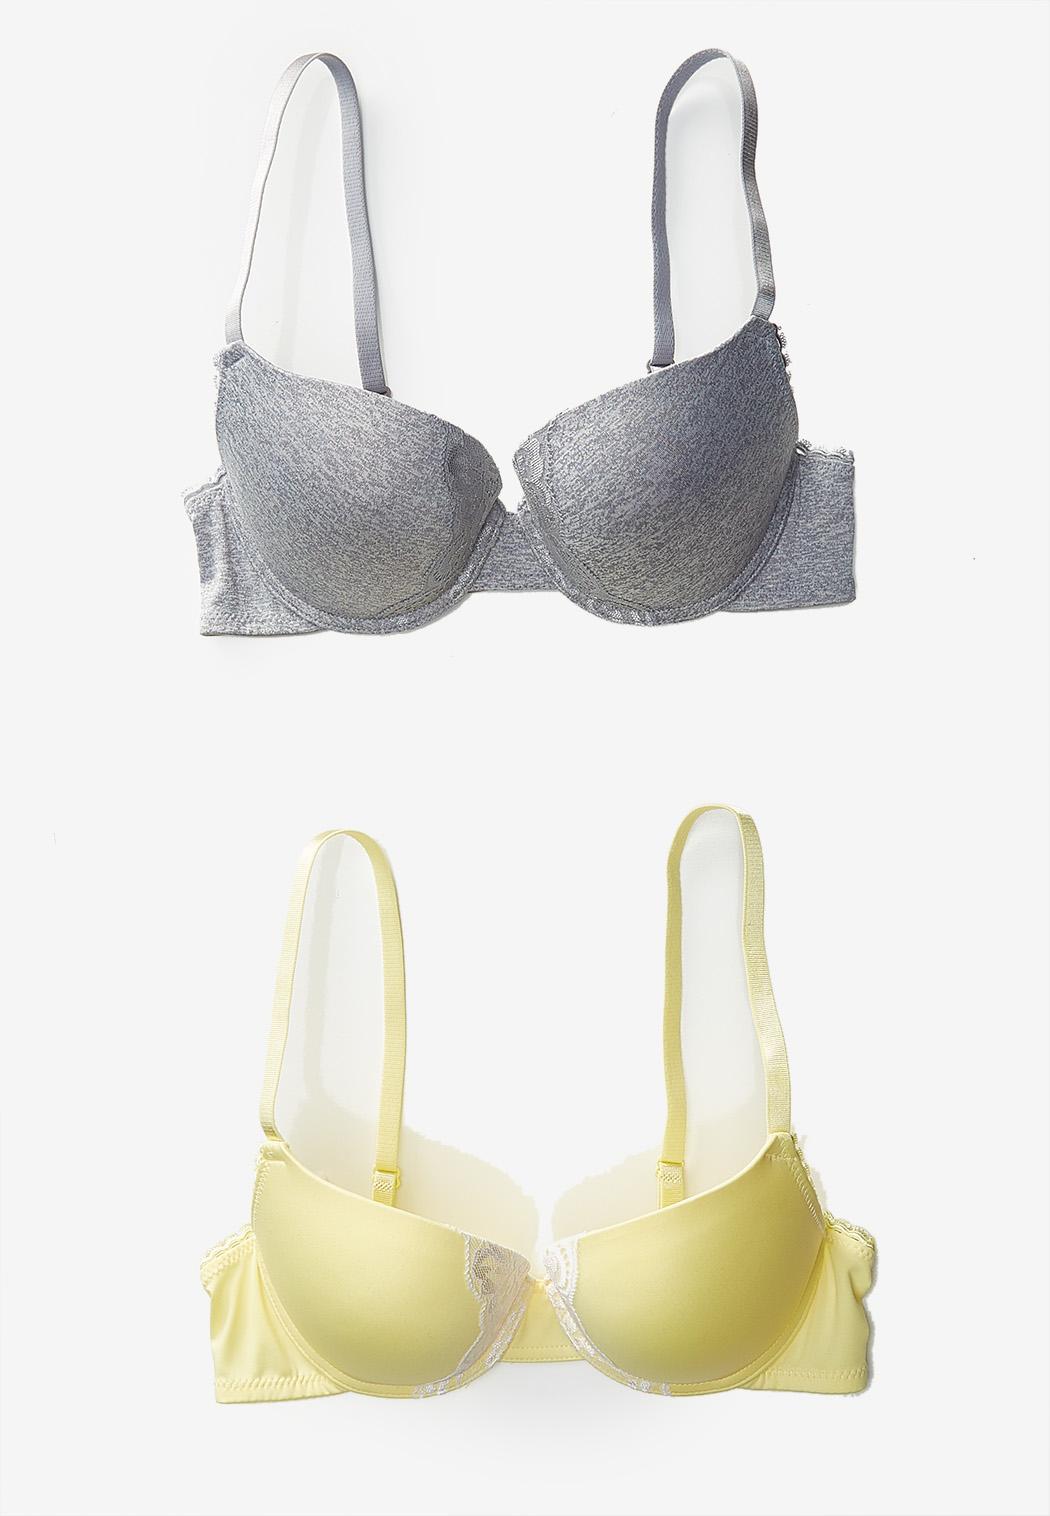 43a4889d80 Plus Size Yellow Gray Lace Trim Bra Set Bras Cato Fashions